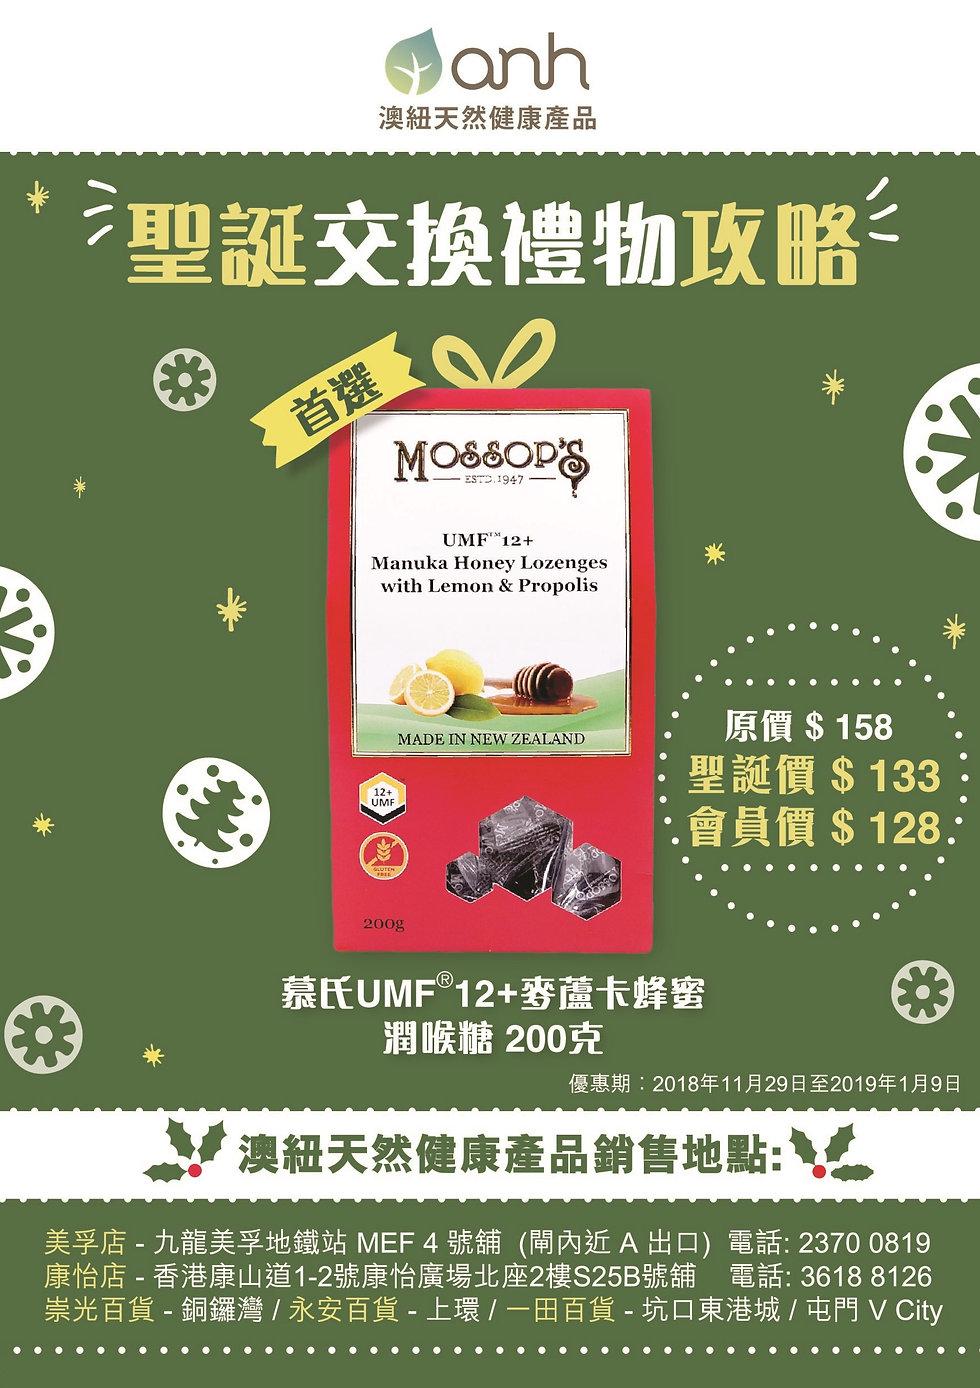 handbill_christmas 2018_20181115_1.jpg